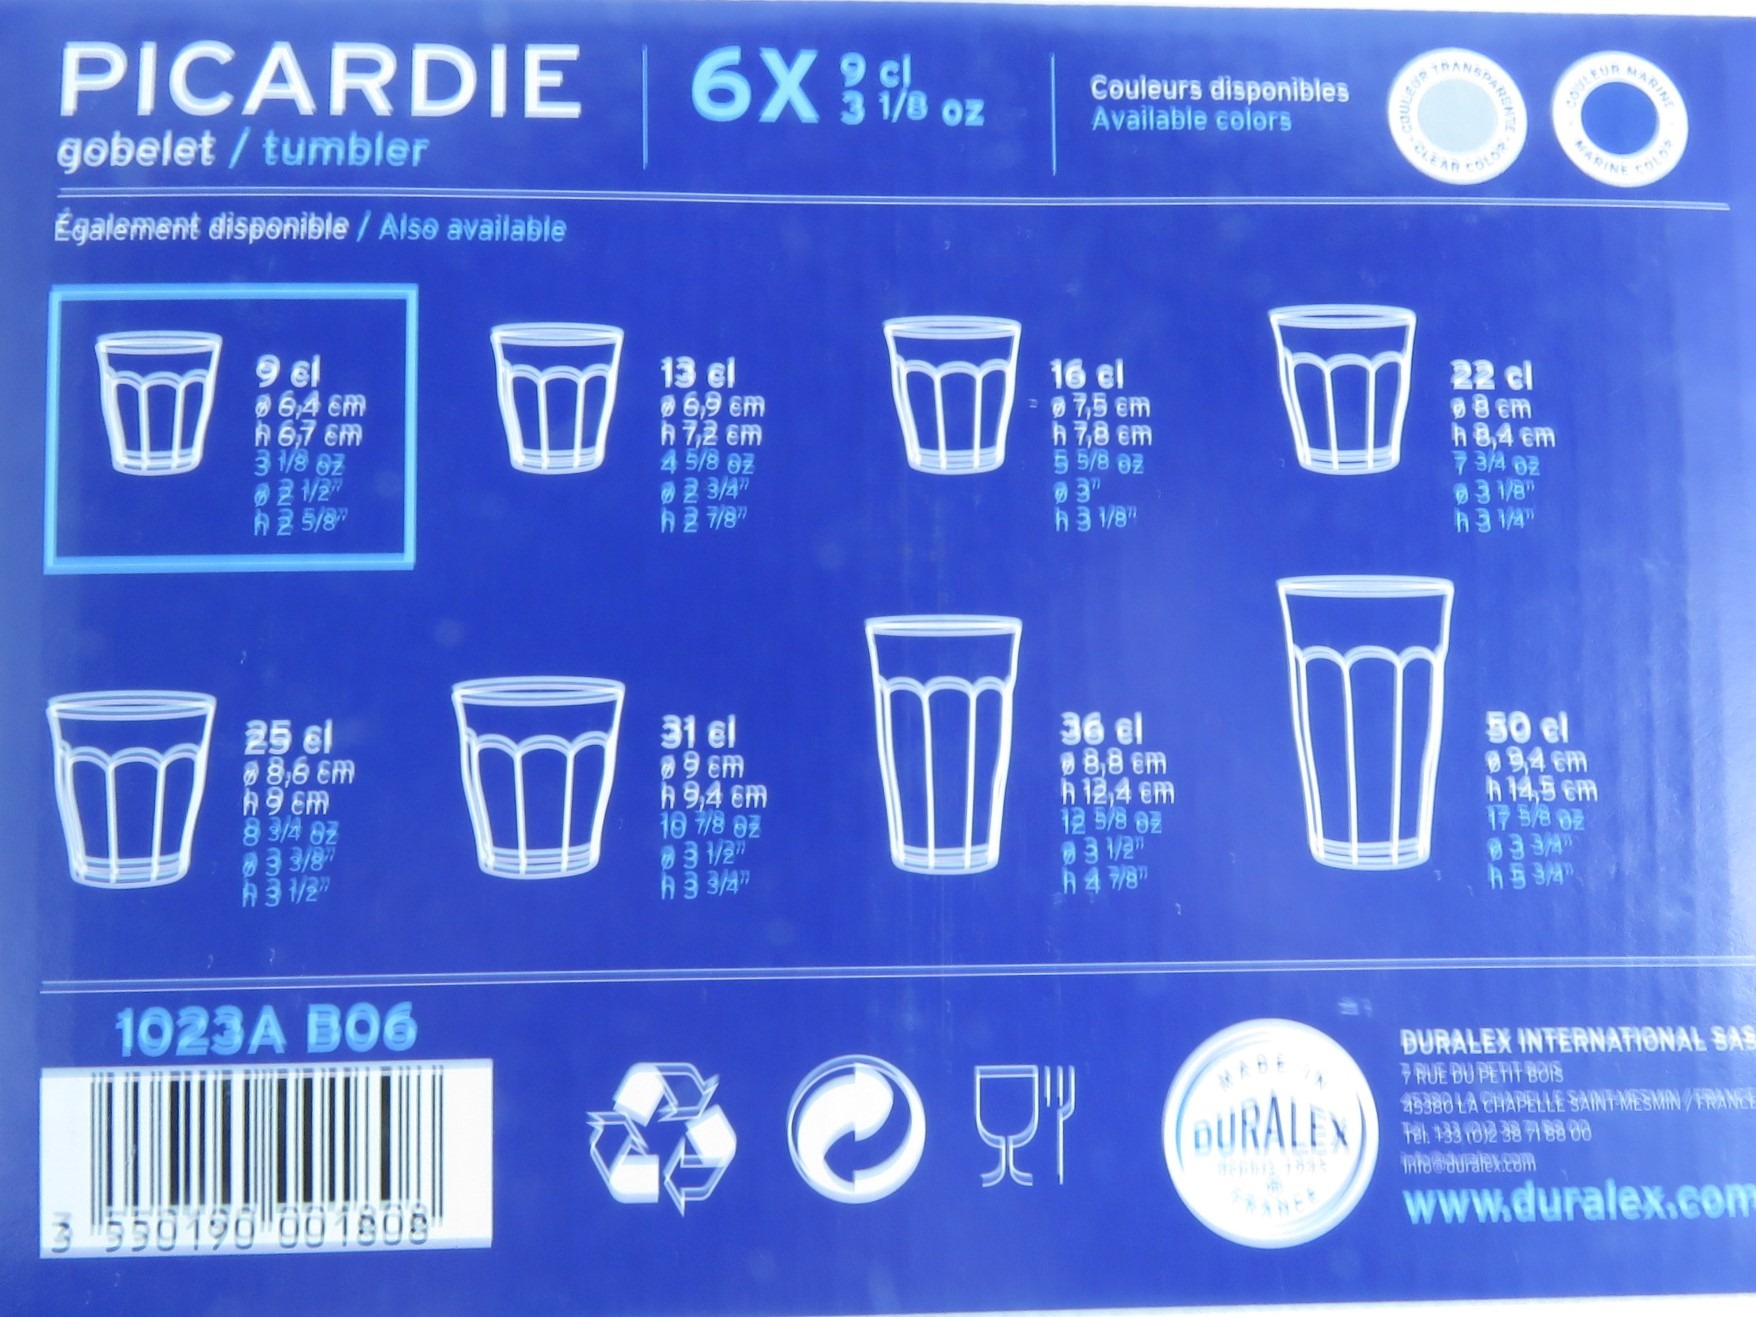 כוס לקפה טורקי ושיעור יין סט 6 יחידות 90 סמ ק דגם פיקרדי דורלקס Duralex Picardie אנפוריא